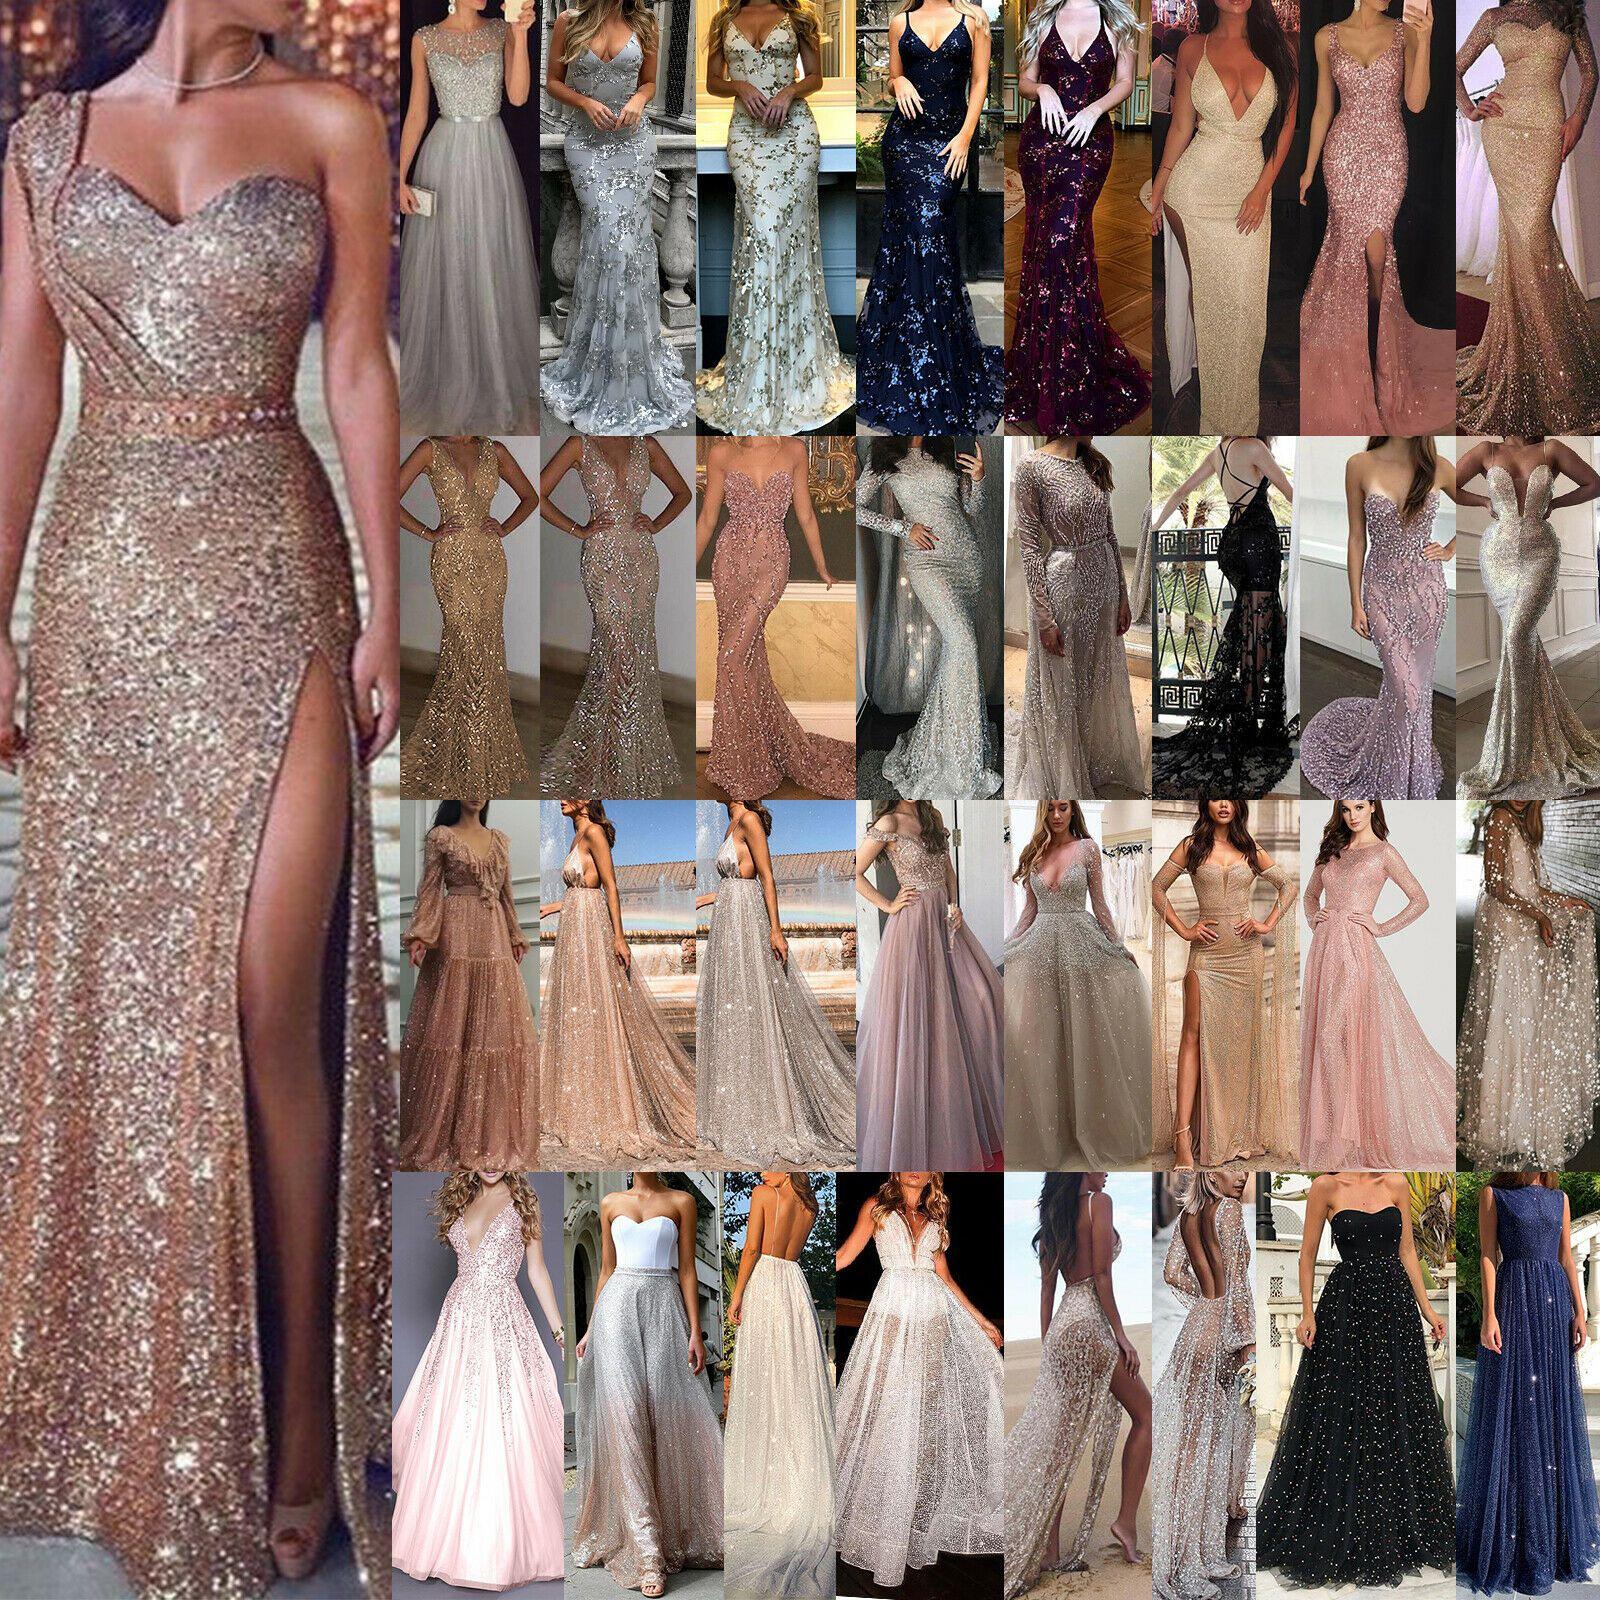 10 Leicht Abend Maxi Kleid DesignDesigner Spektakulär Abend Maxi Kleid Bester Preis